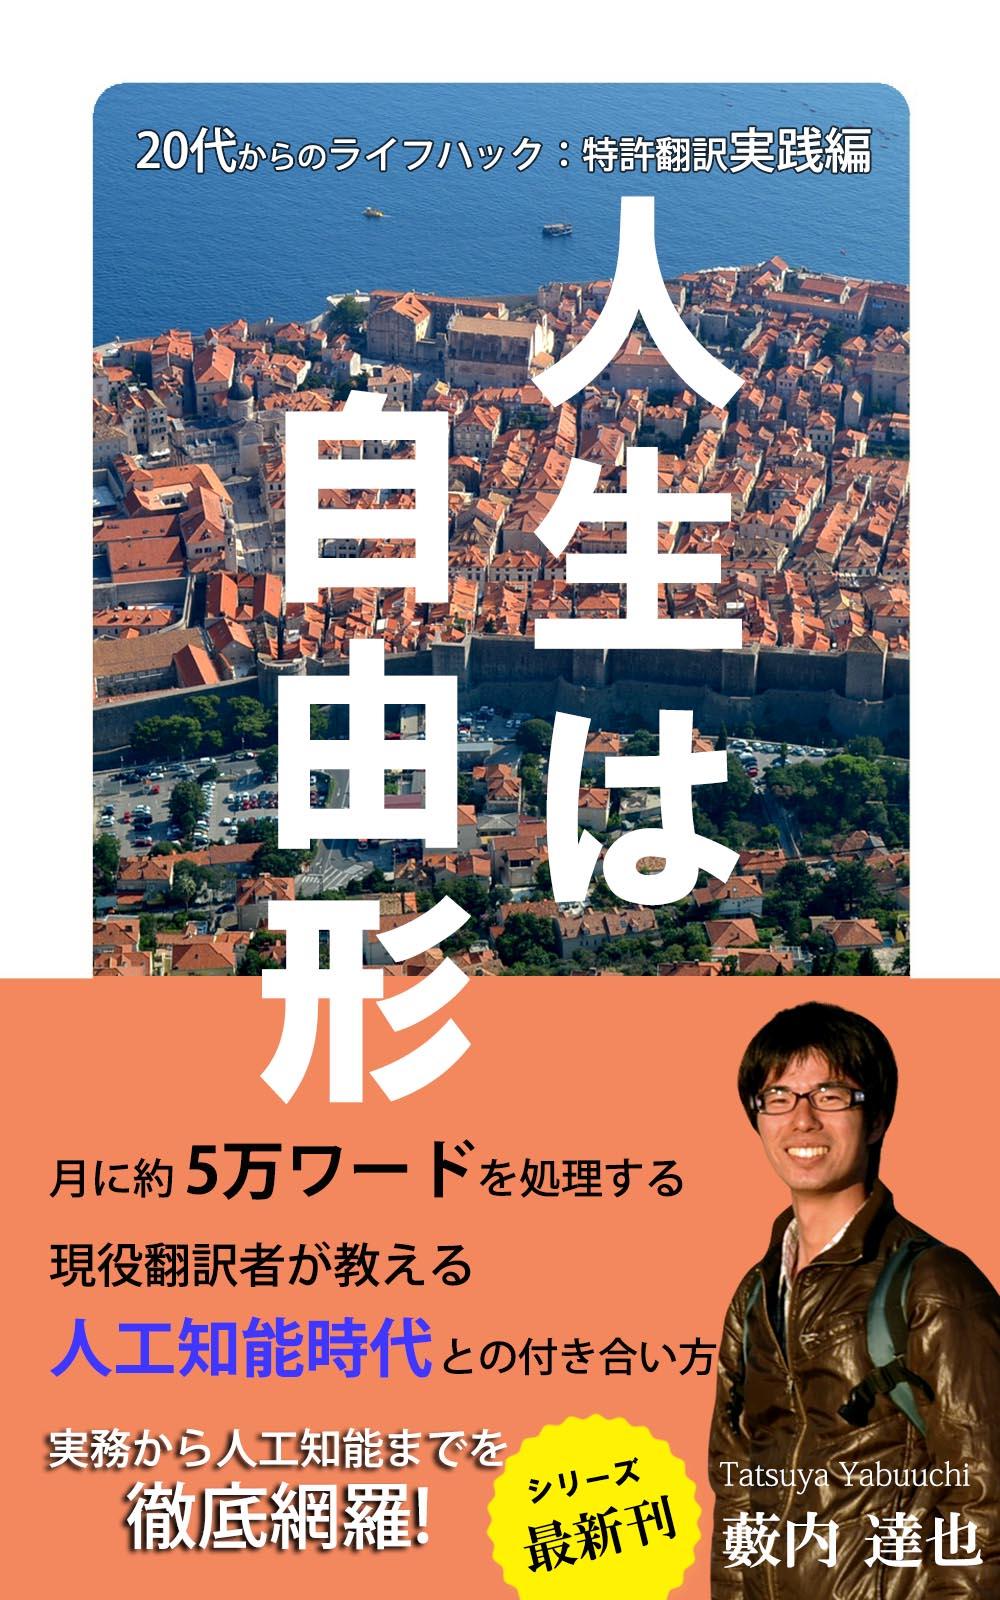 Kindle書籍の最新刊「特許翻訳実践編」が出版!